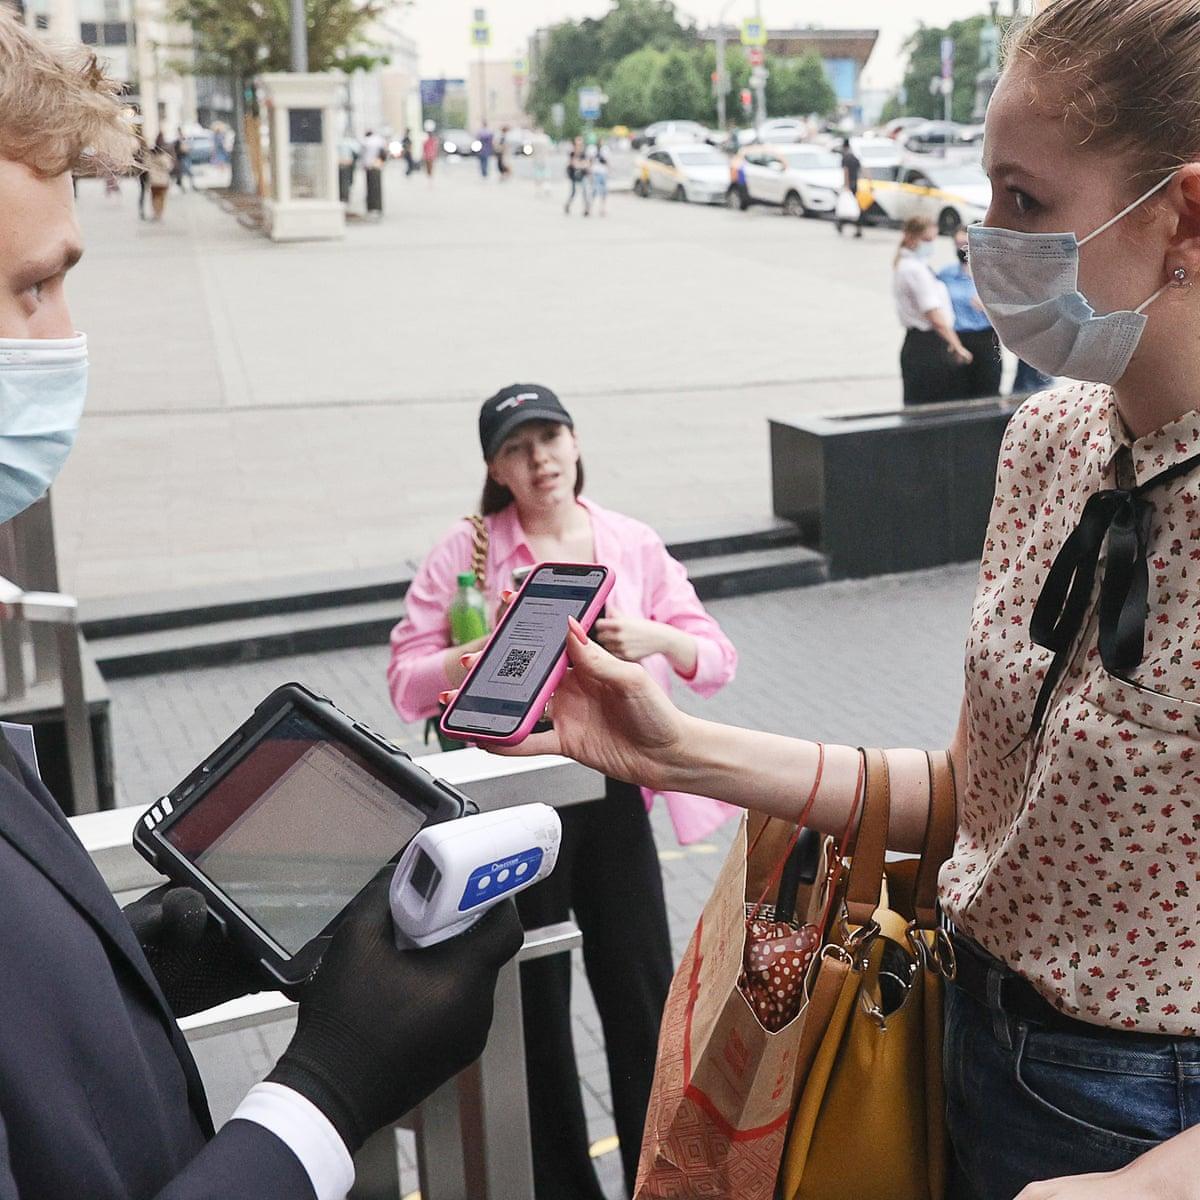 Kafenetë dhe restorantet në Moskë nuk pranojnë persona të pavaksinuar